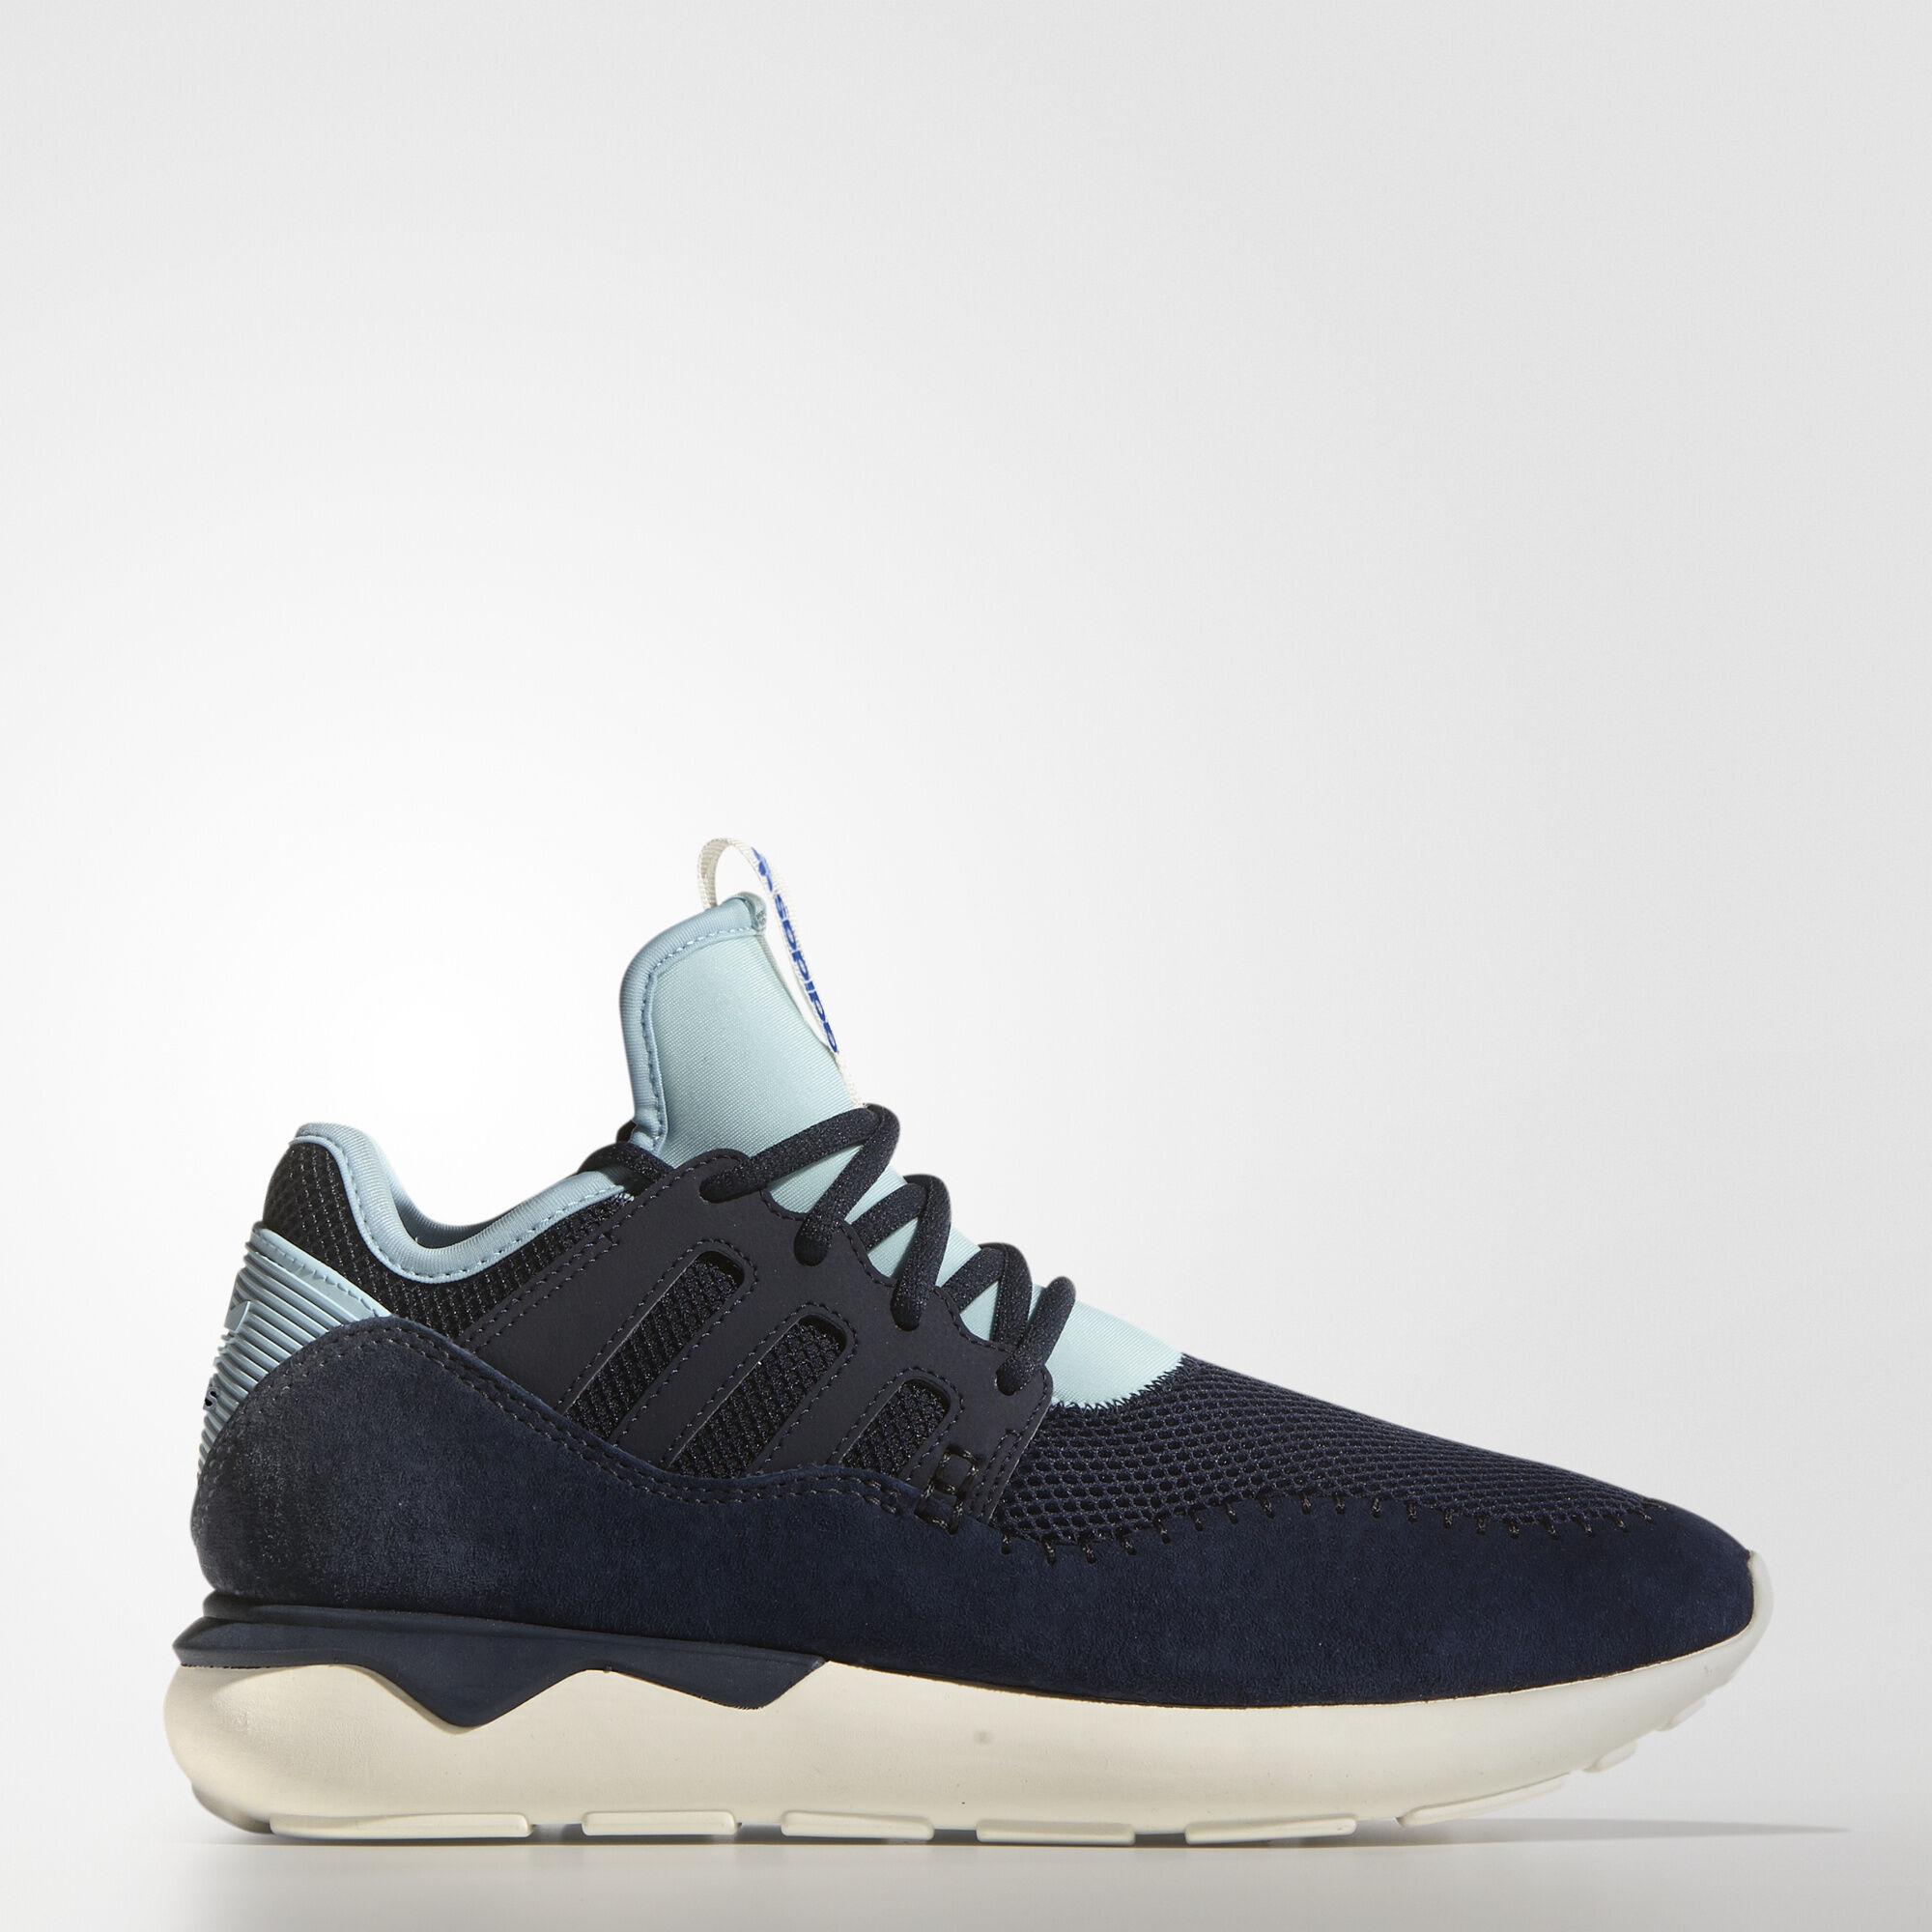 Adidas Tubular Moc Runner Navy